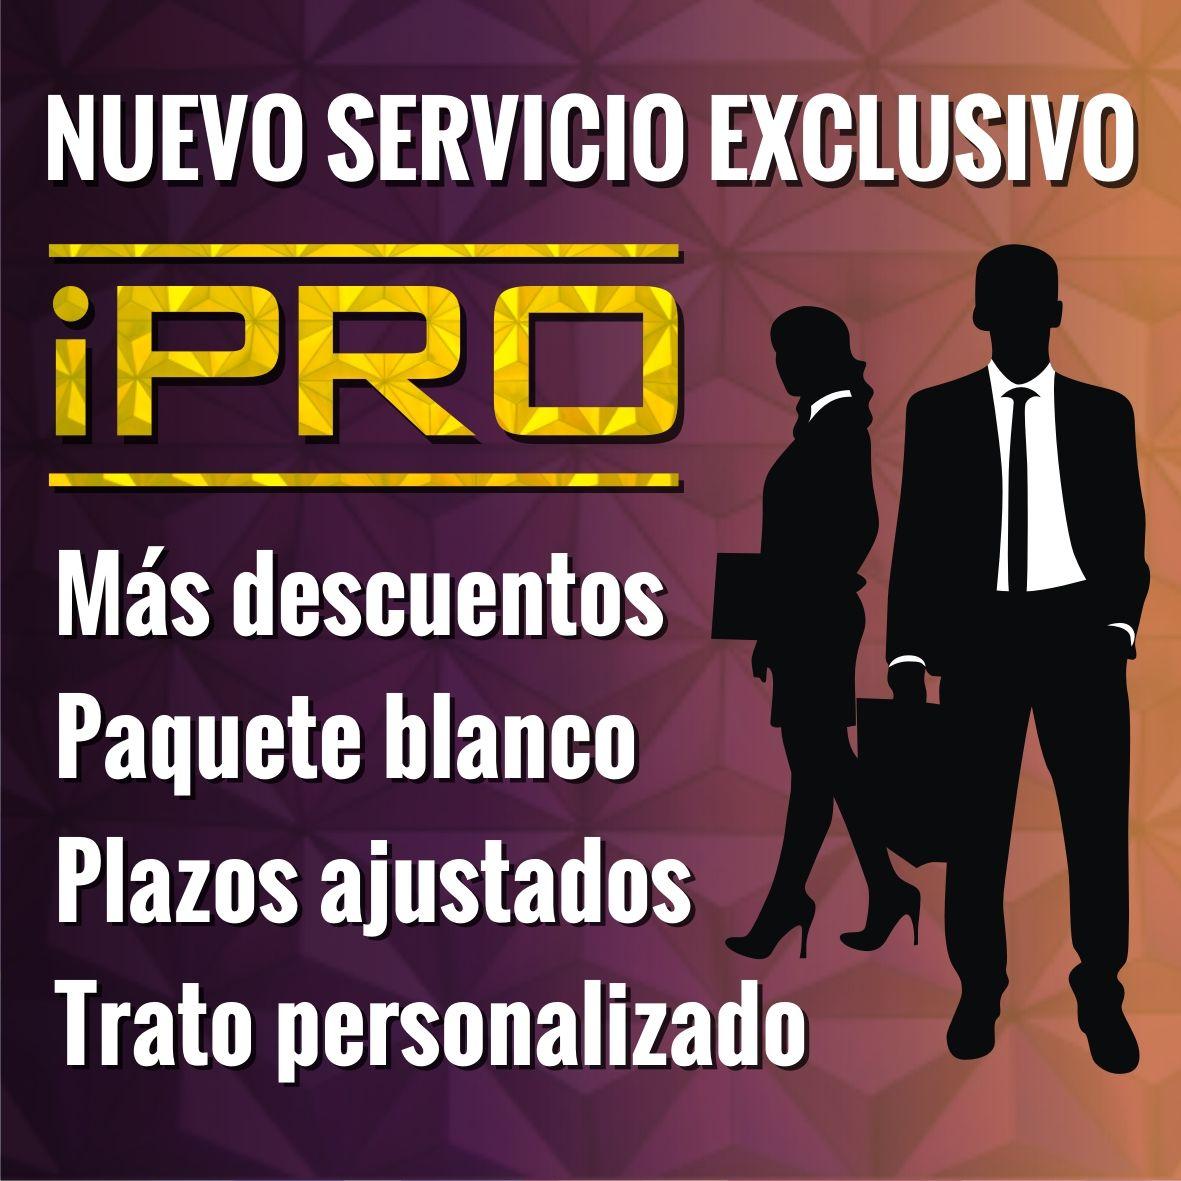 Soloimprenta.es lanza un servicio exclusivo para profesionales